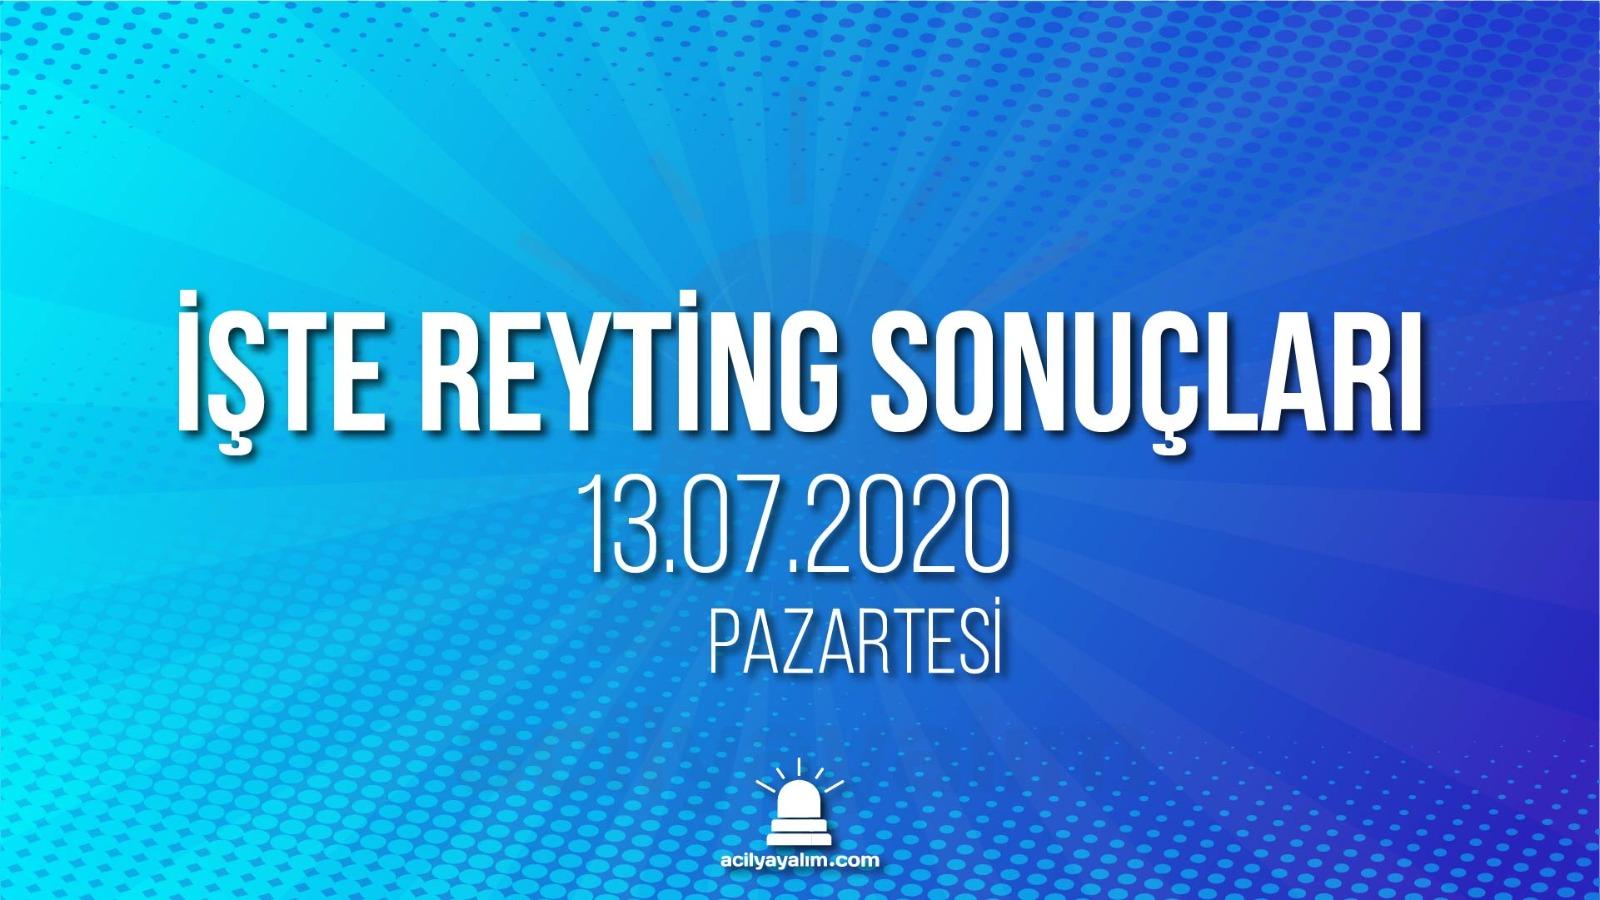 13 Temmuz 2020 Pazartesi reyting sonuçları